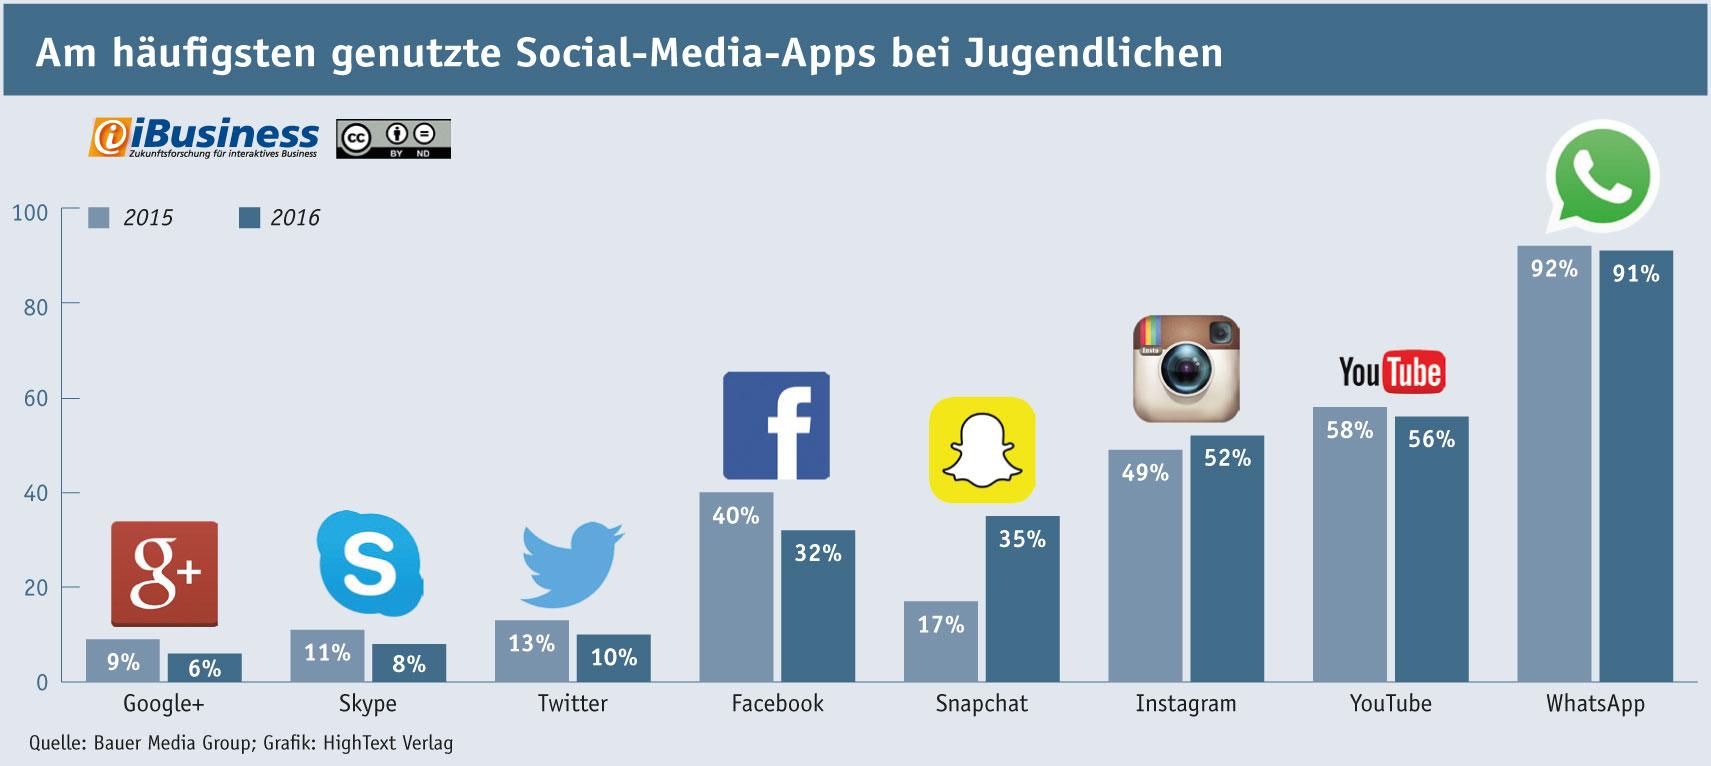 Infografik: Nutzung von Social-Media-Apps bei deutschen Jugendlichen 2015 und 2016